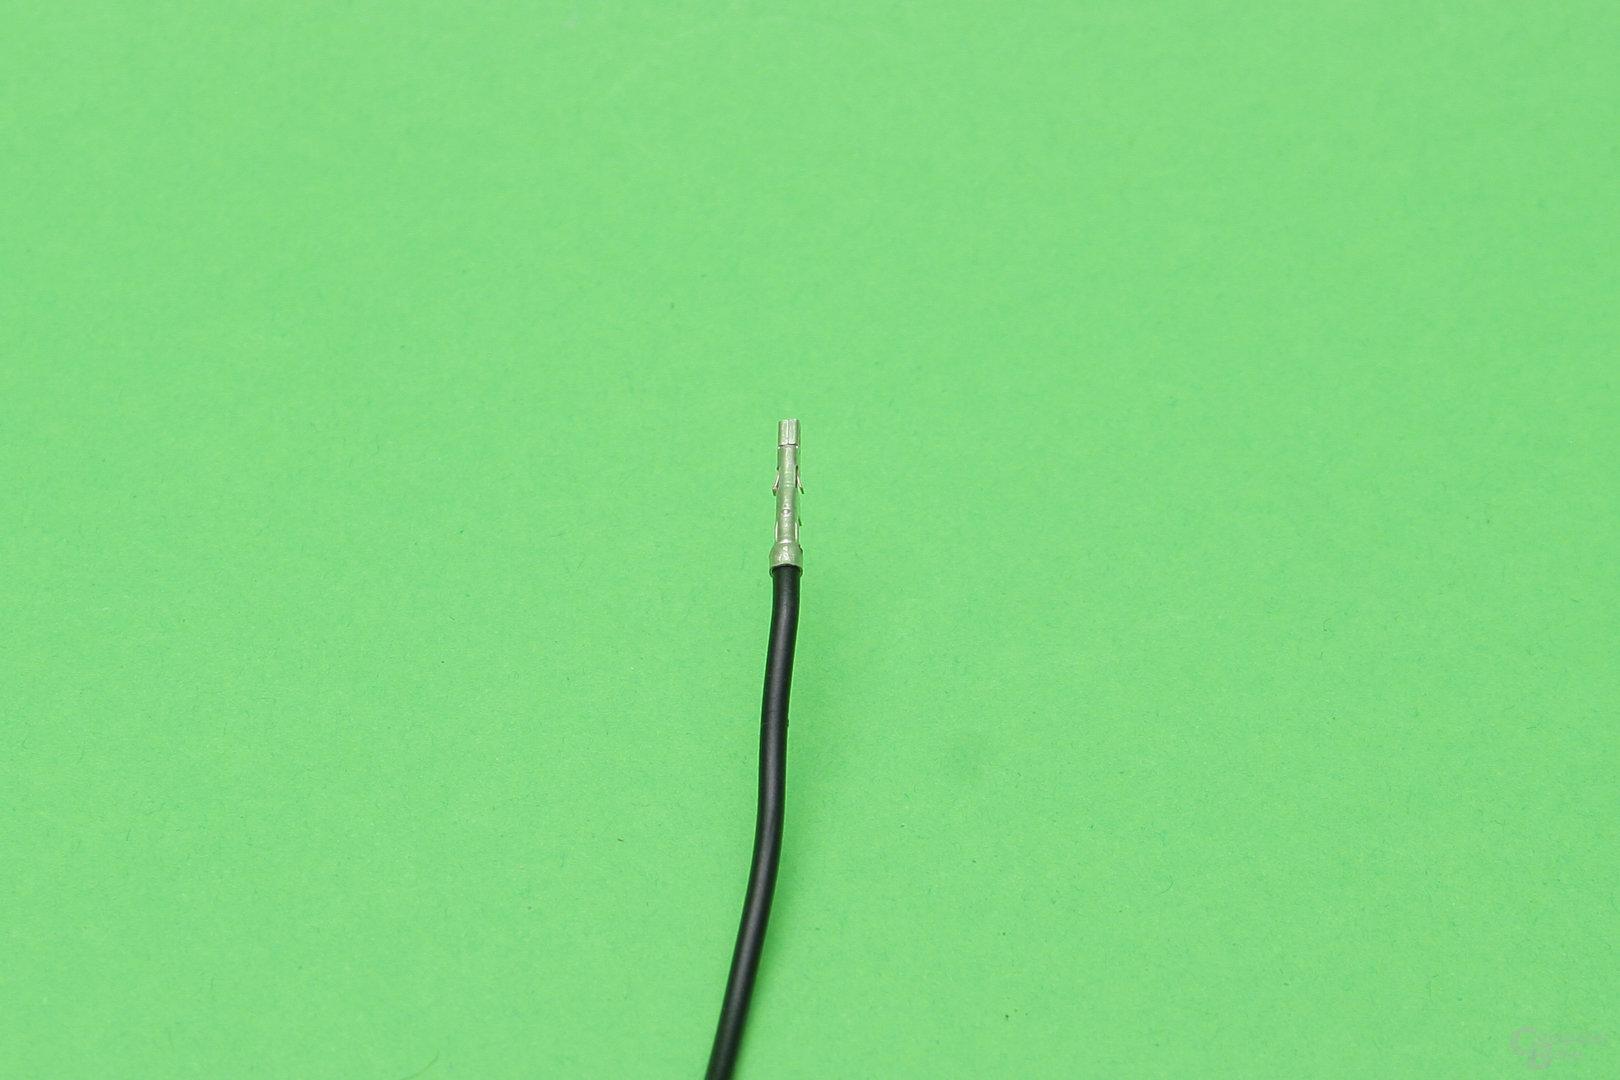 Nahaufnahme: Pin mit seitlichen Haltenasen